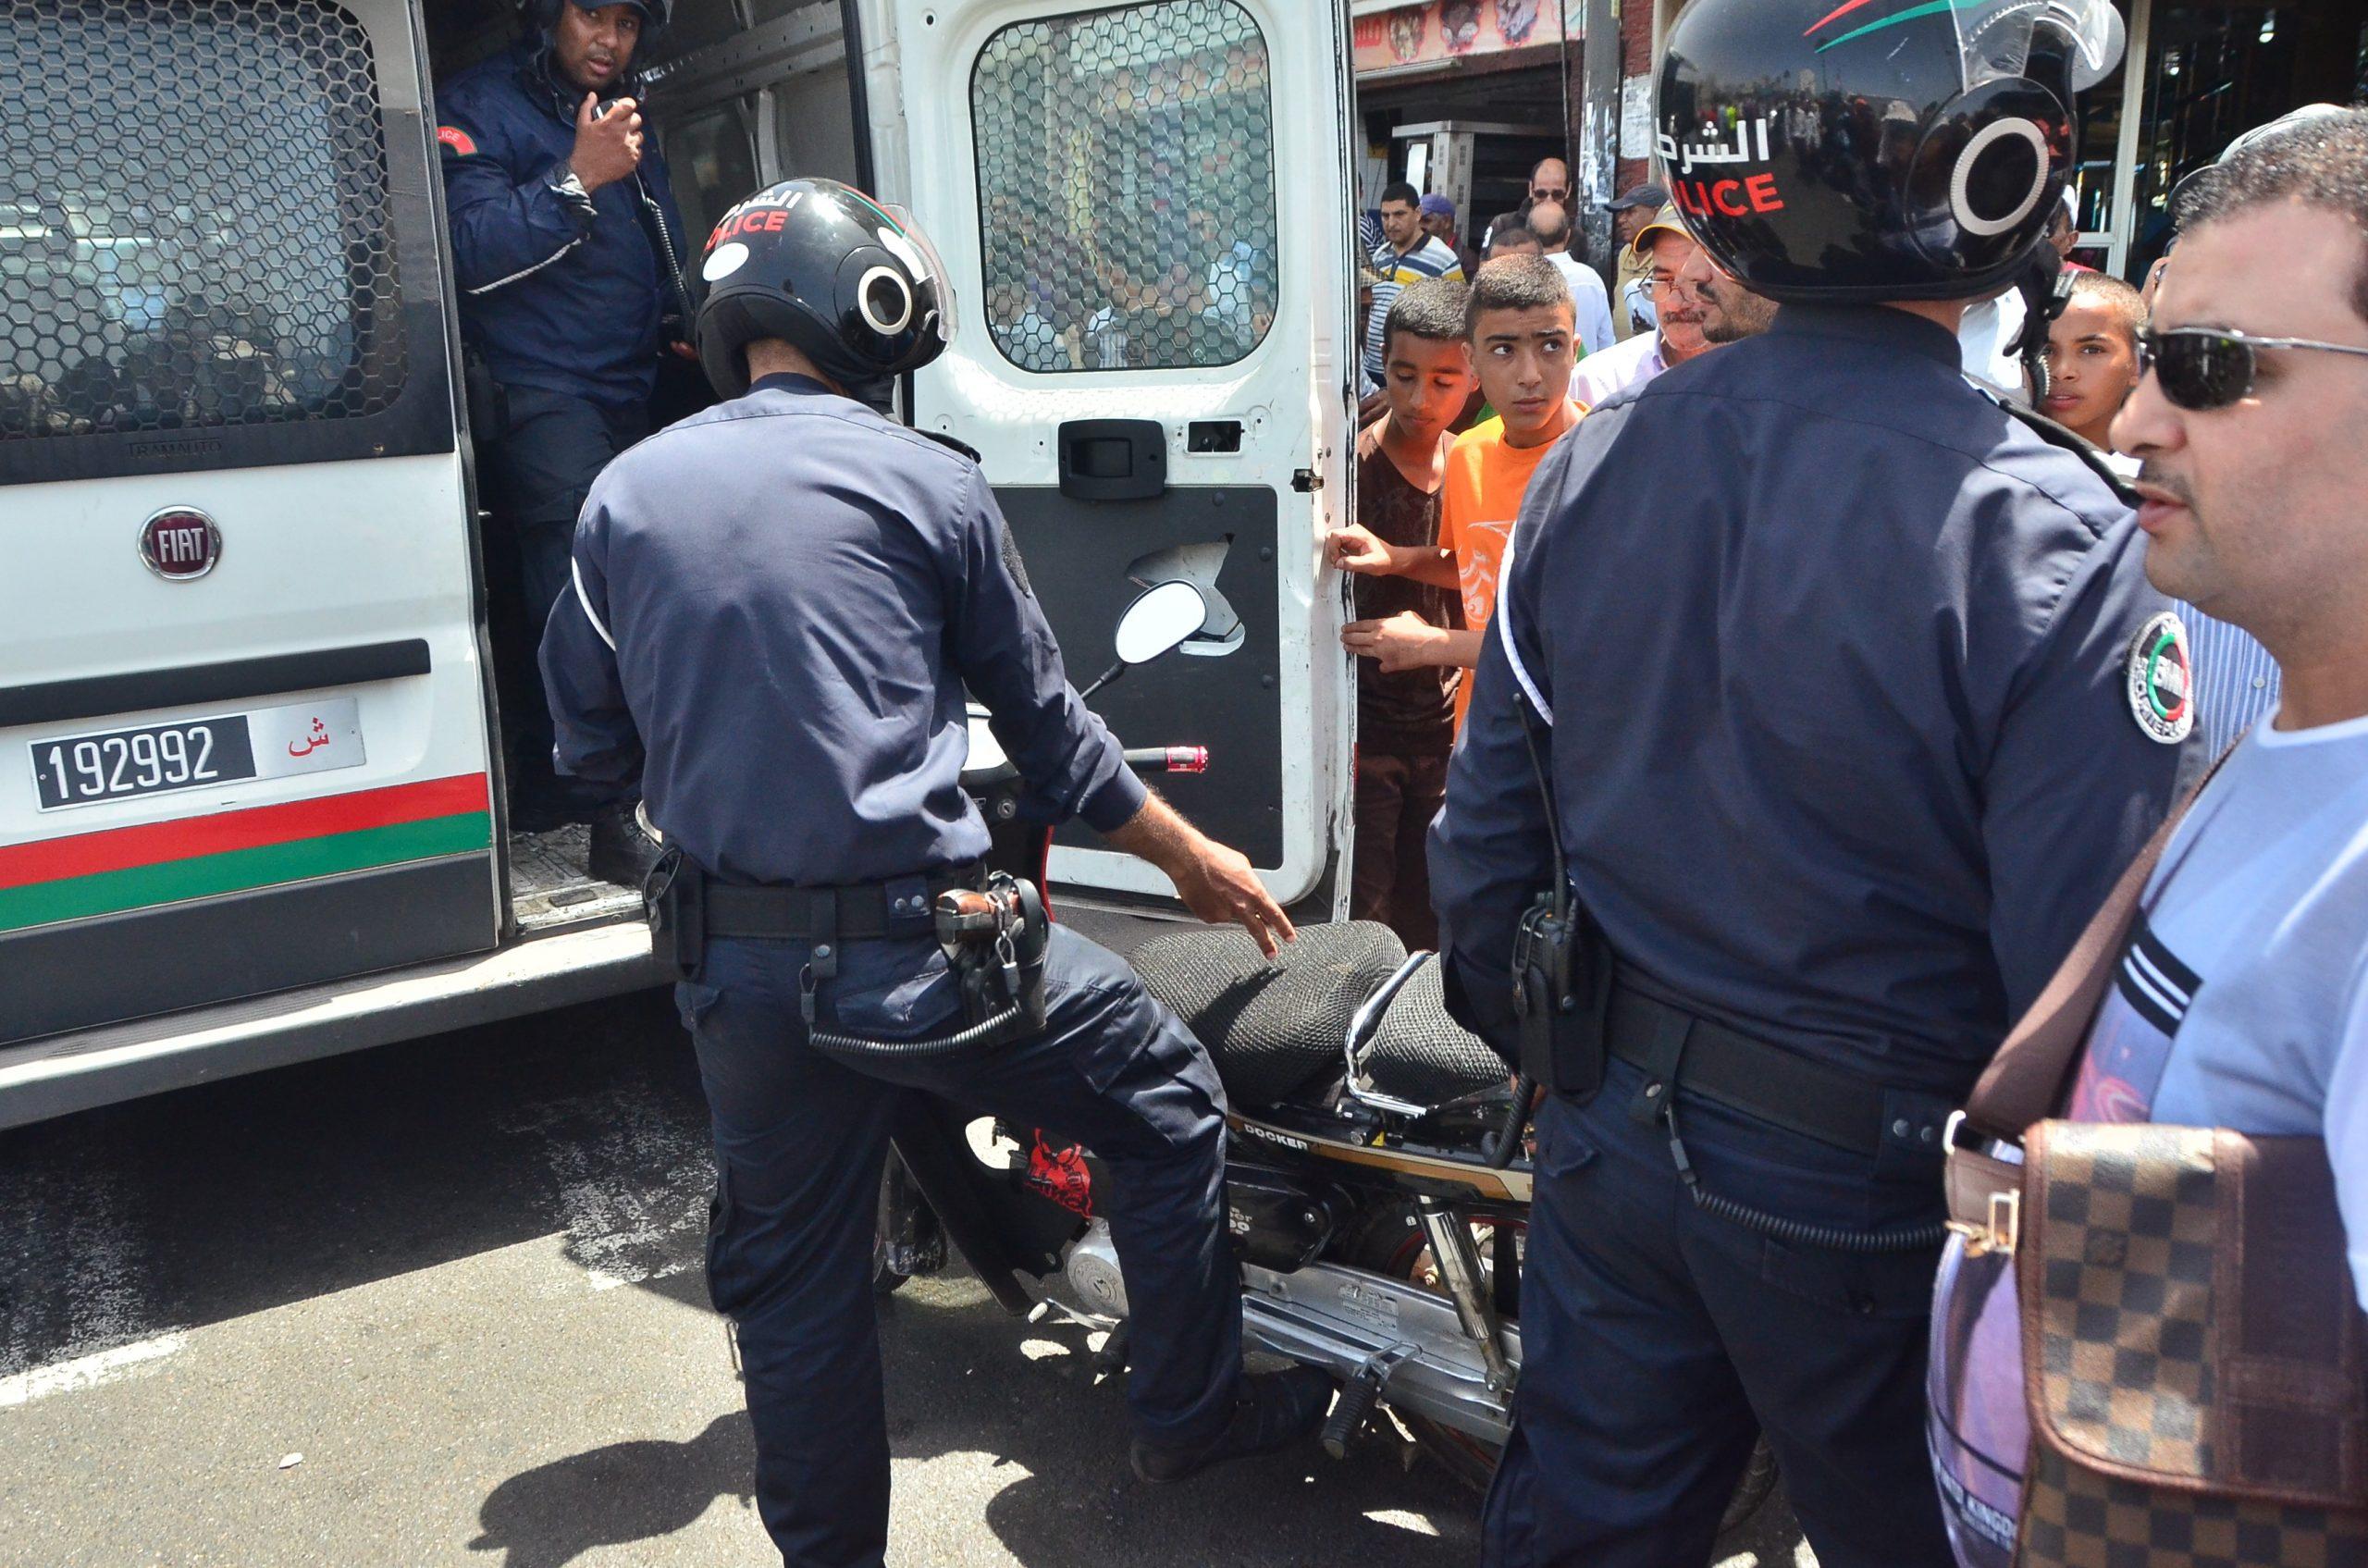 صورة اعتداء بشع على شرطي مرور بأكادير